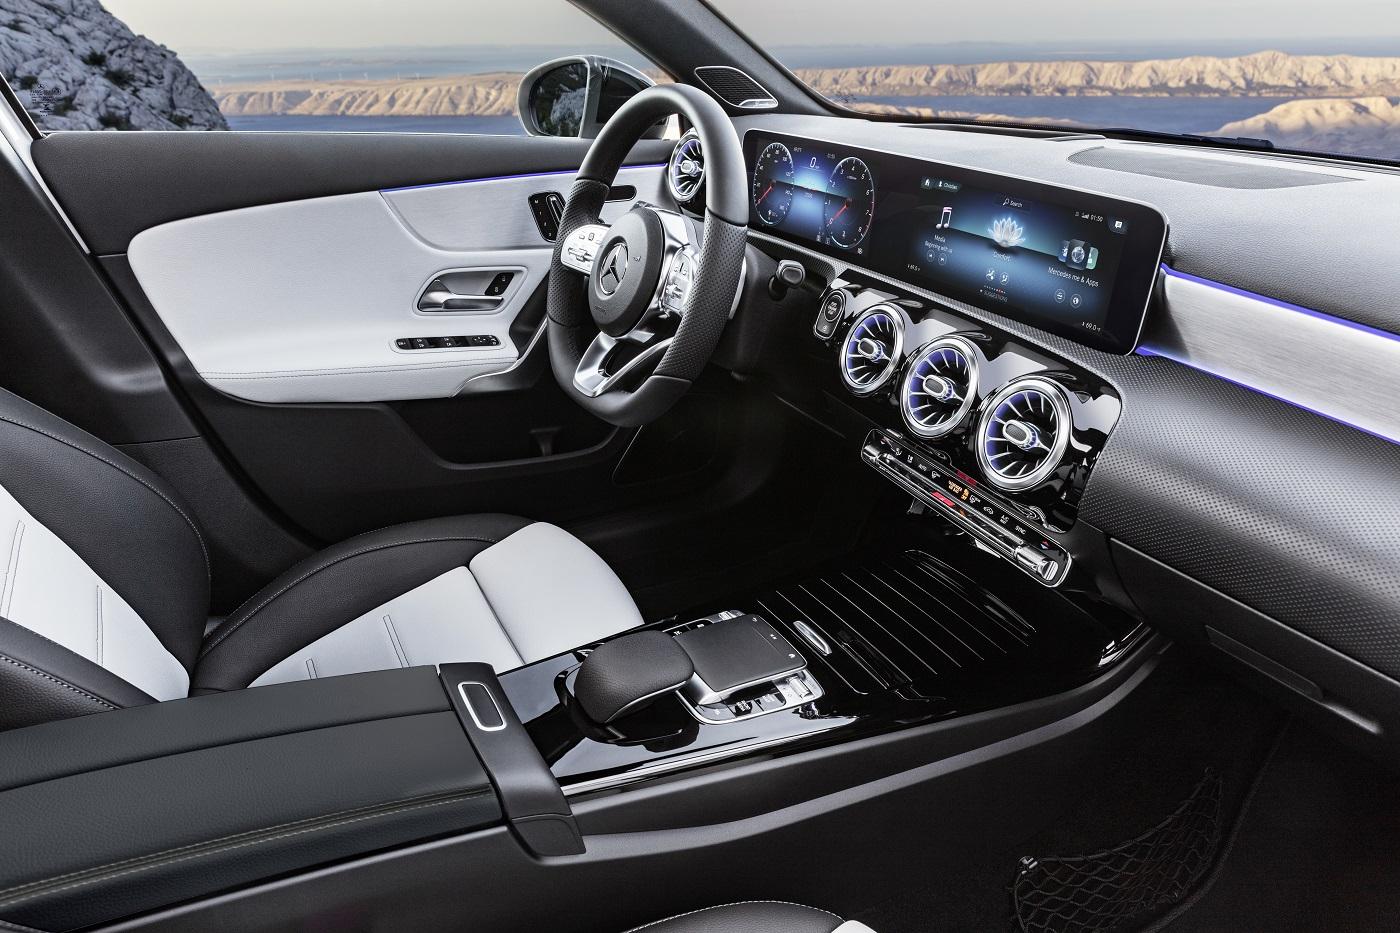 Mercedes-Benz A-Klasse førersete